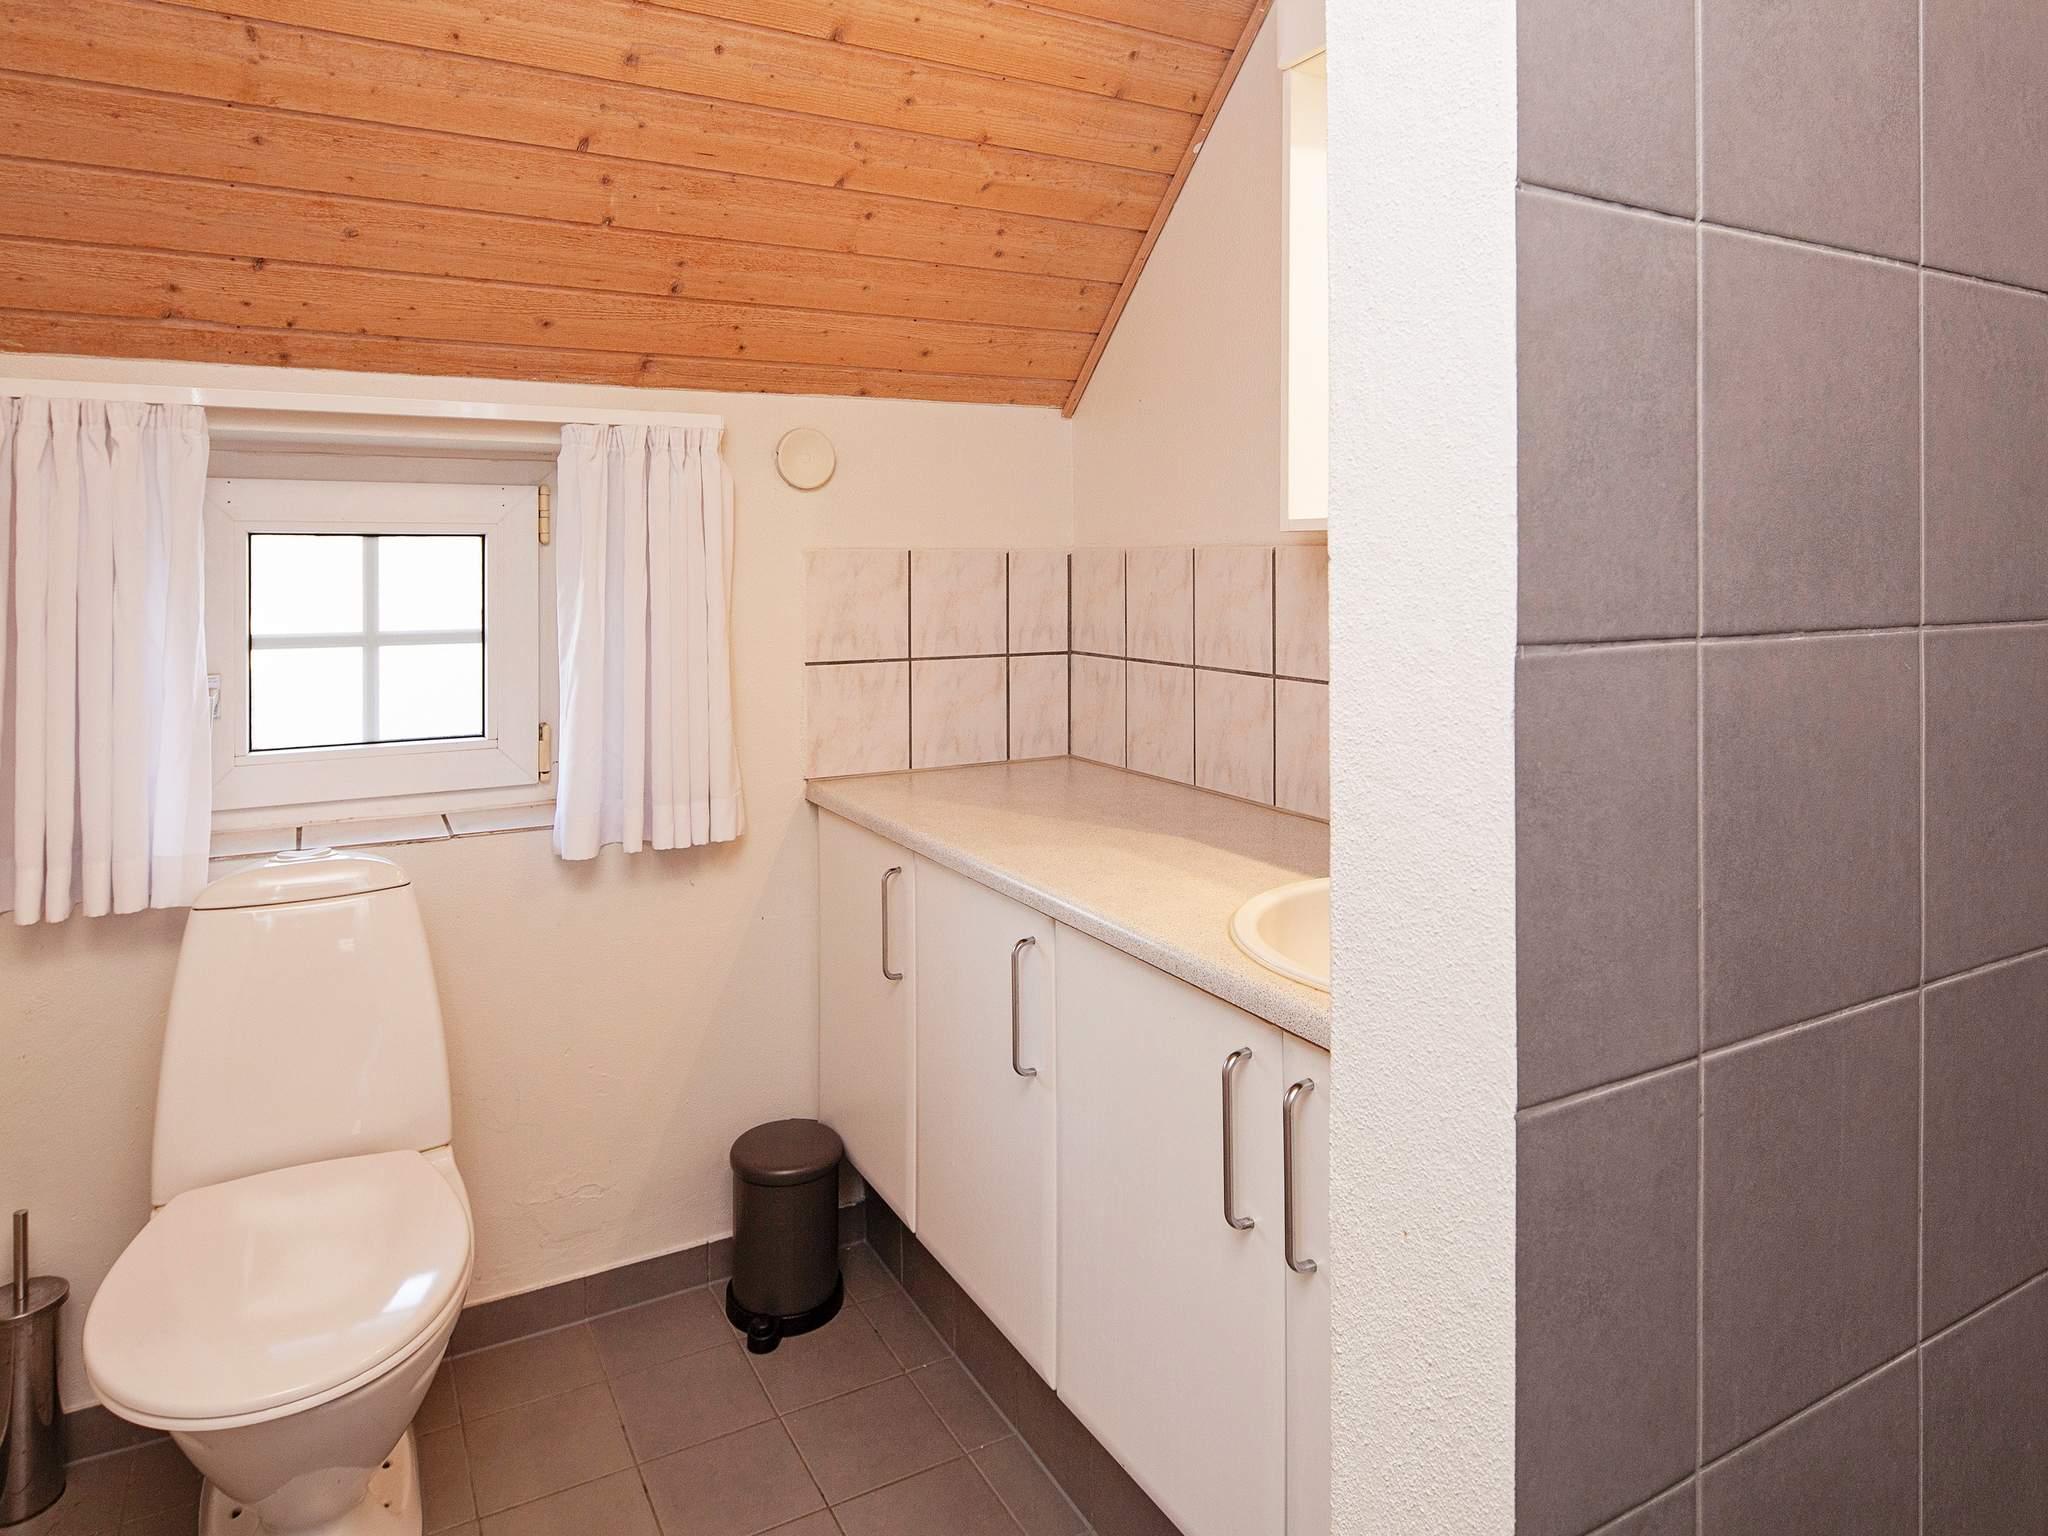 Ferienhaus Marielyst (83201), Marielyst, , Falster, Dänemark, Bild 9